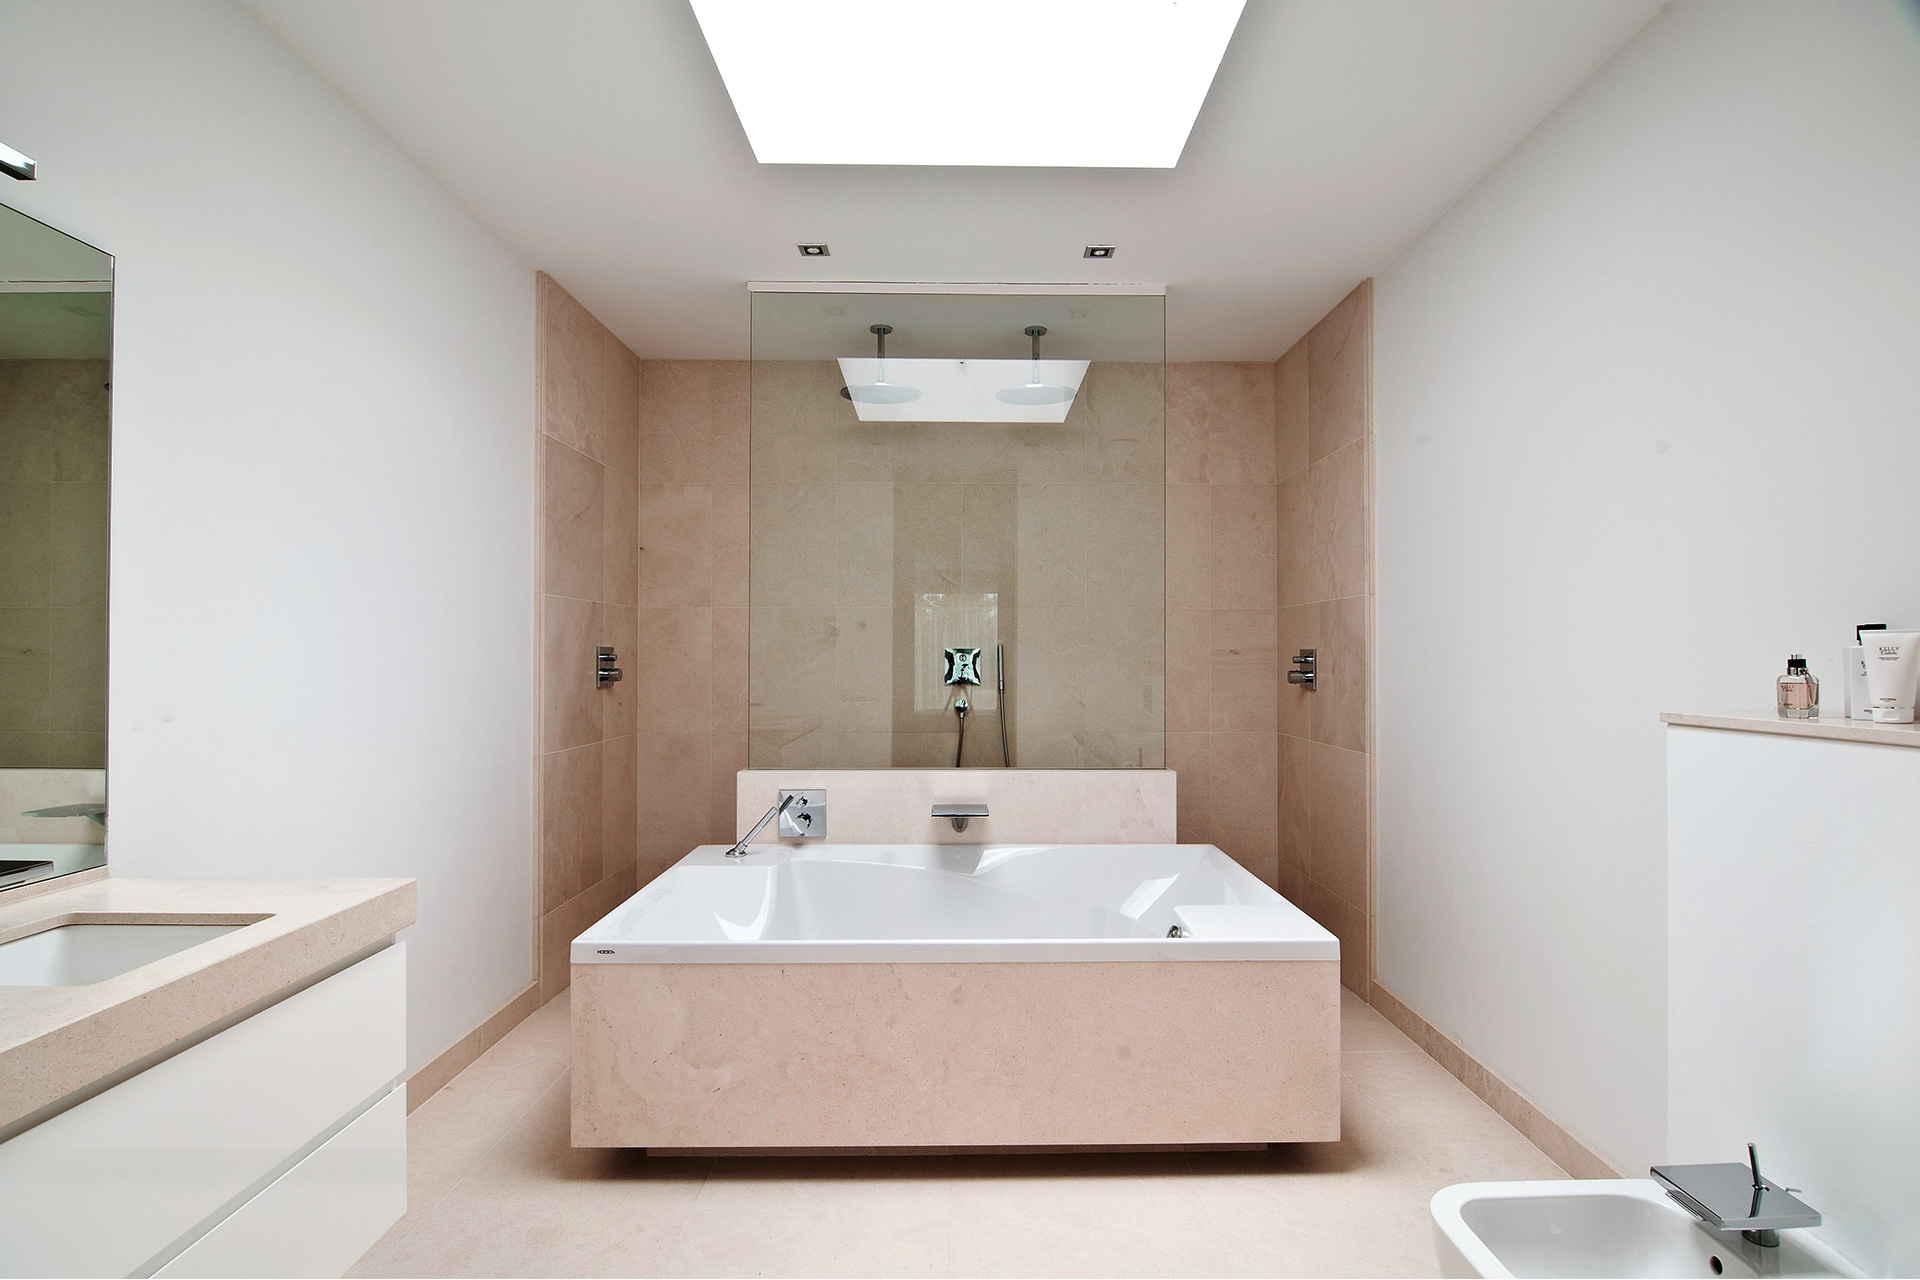 Badkamer Amsterdam – Interior Design